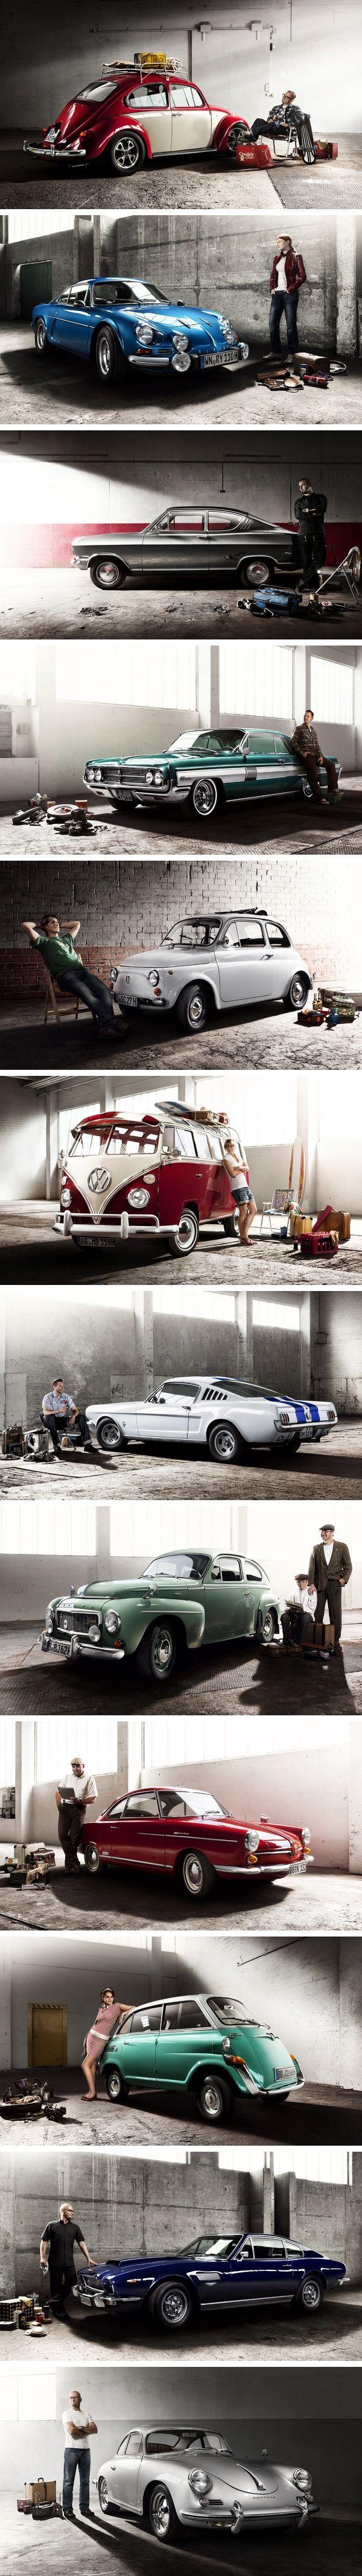 123 best Cars - Vintage images on Pinterest | Chevy pickups, Vintage ...